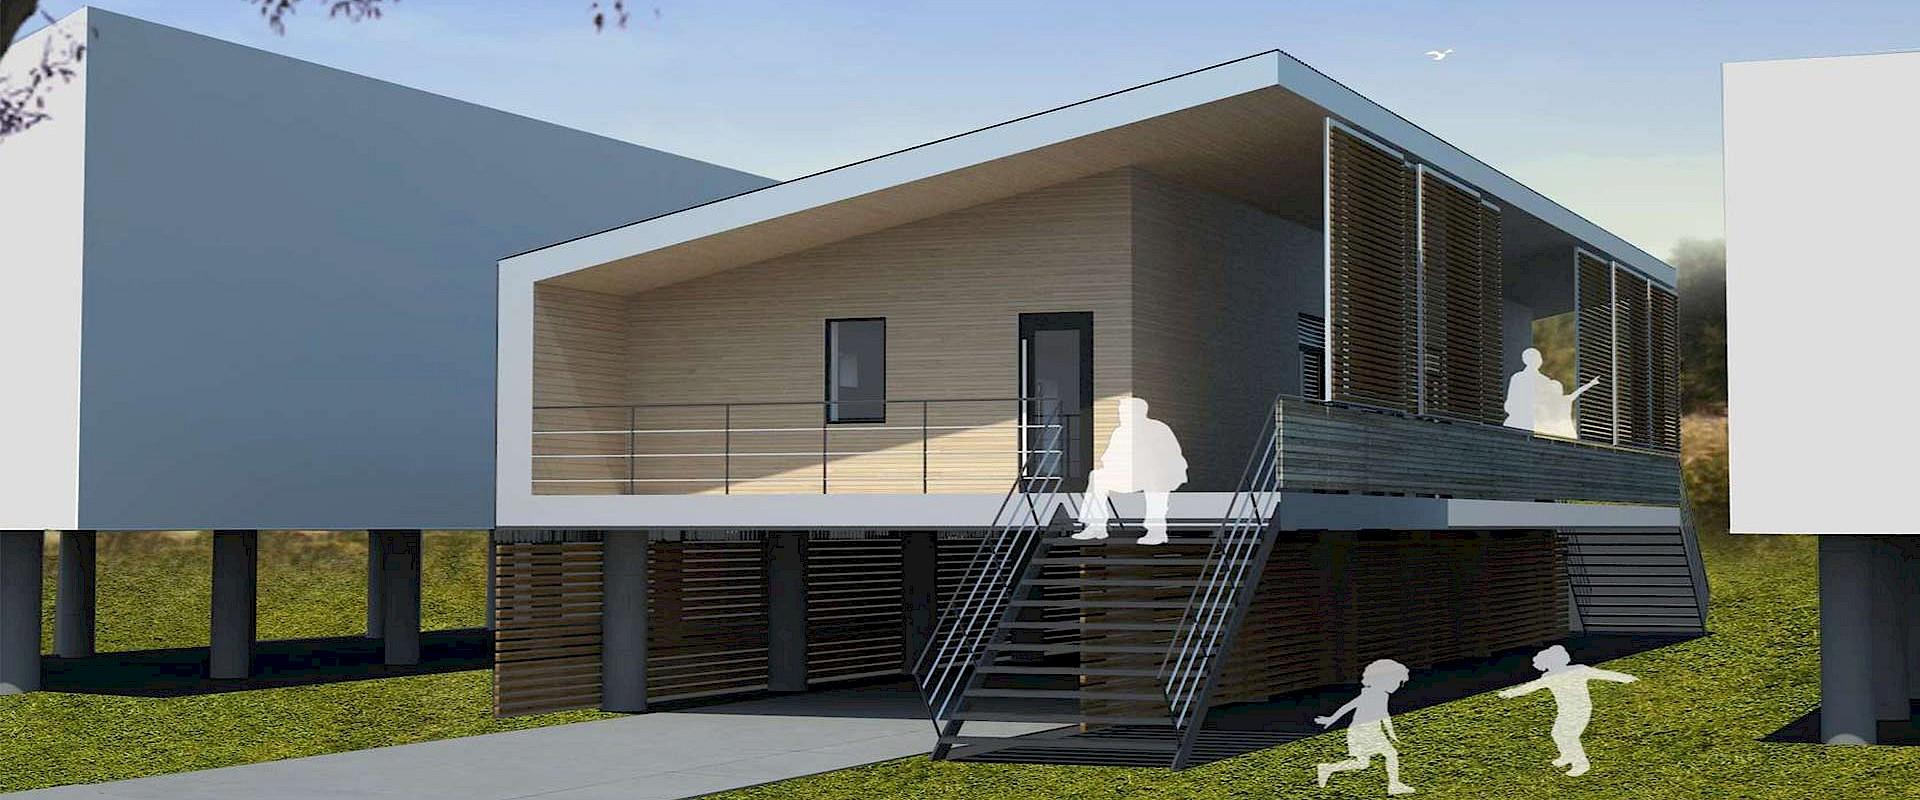 Constru o low cost casas econ micas for Rinnovare casa low cost